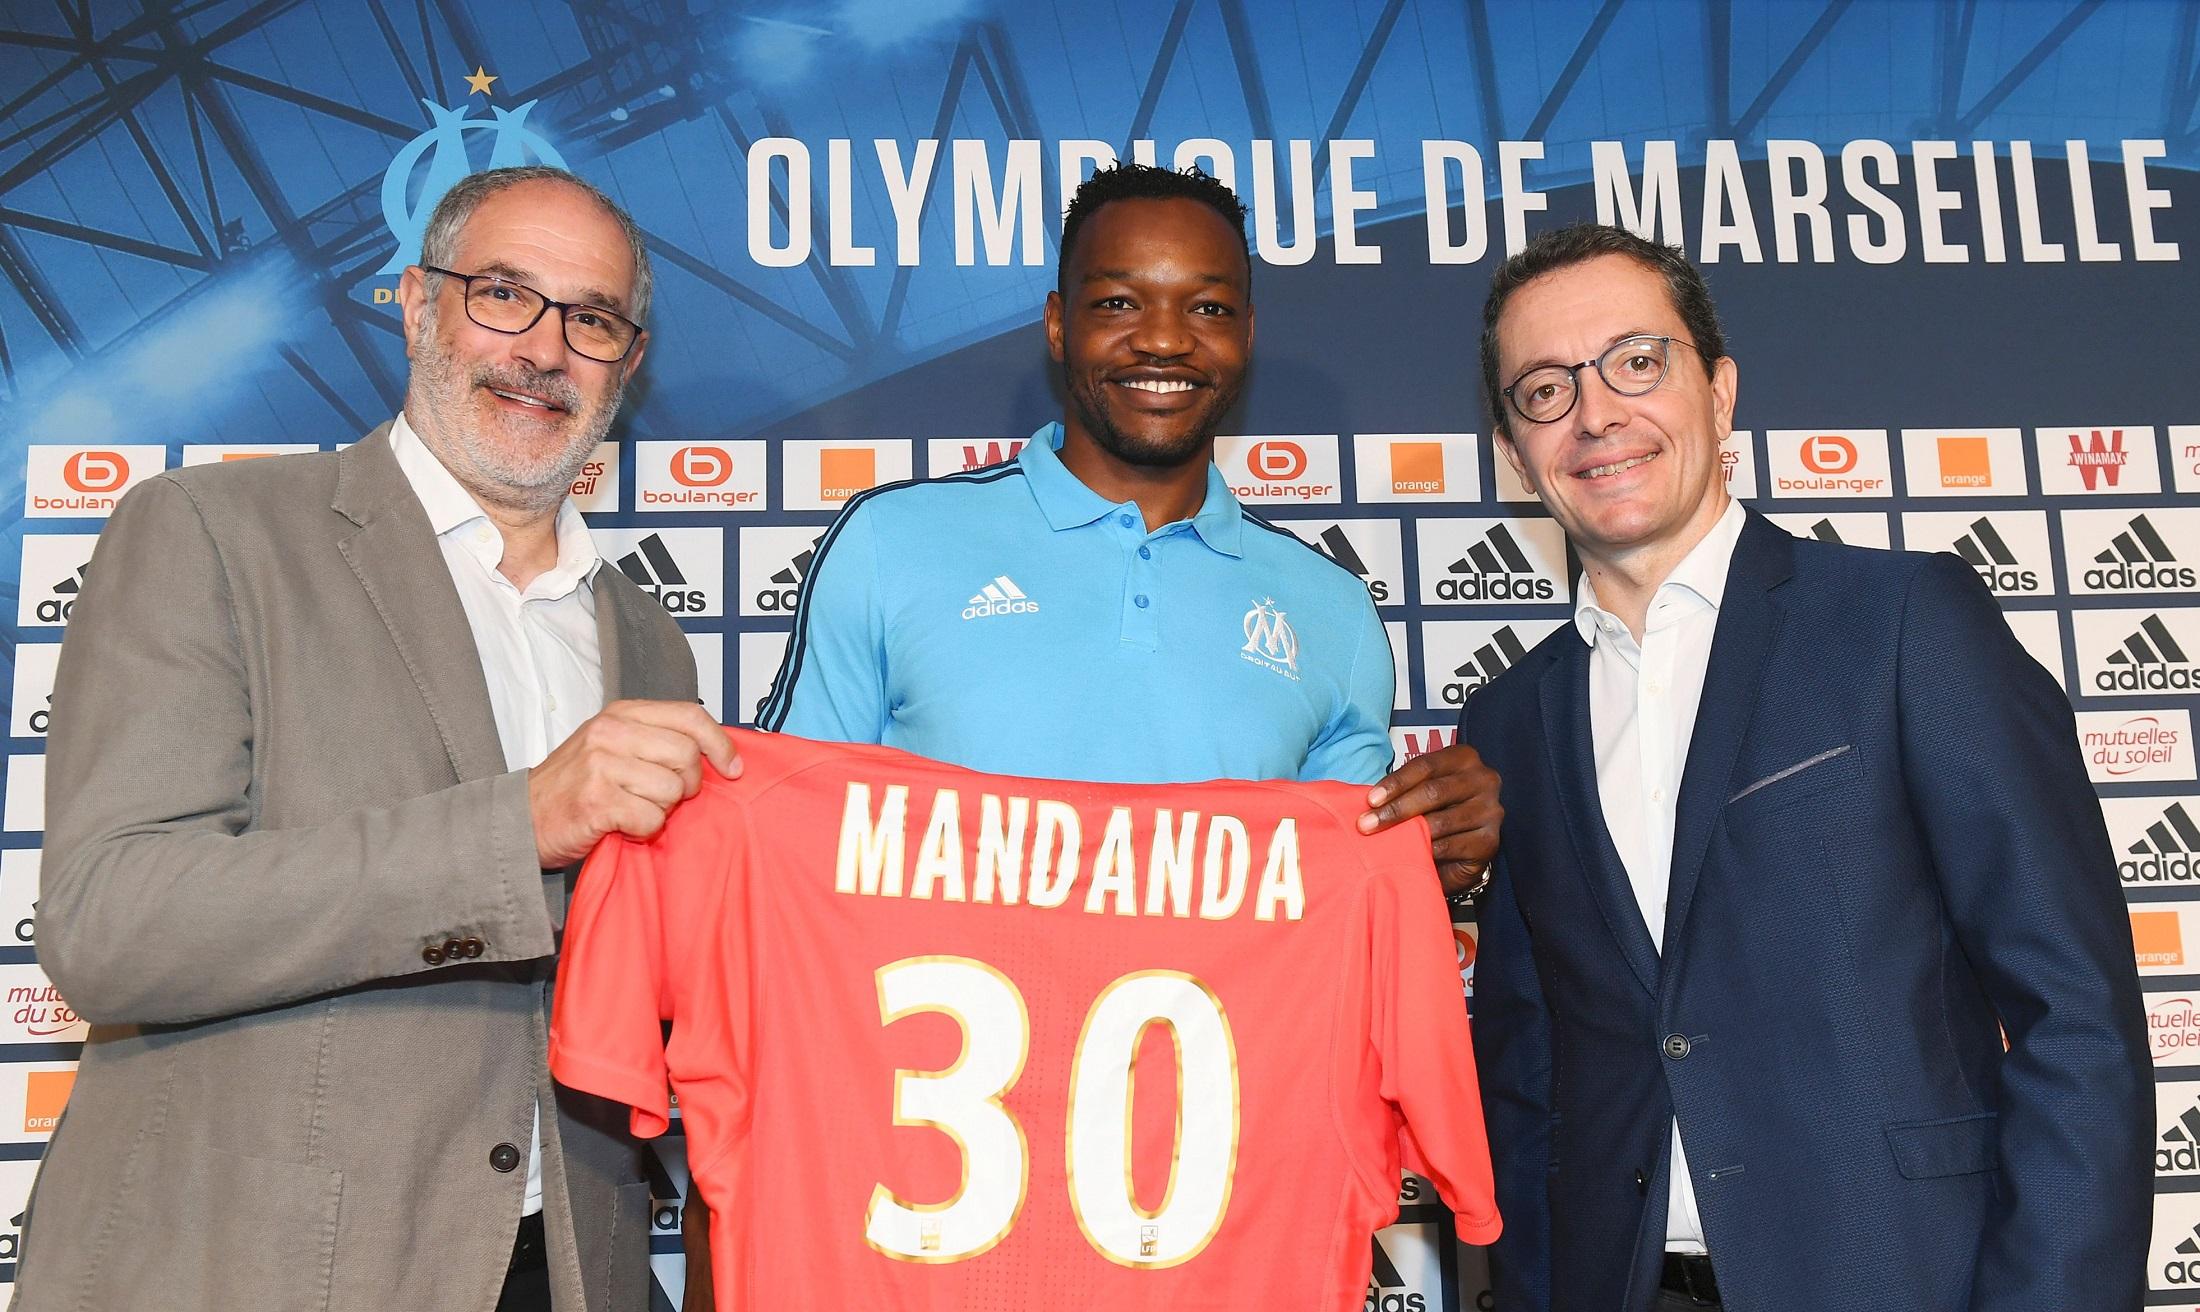 La reconstrucción del Olympique de Marsella en busca de títulos